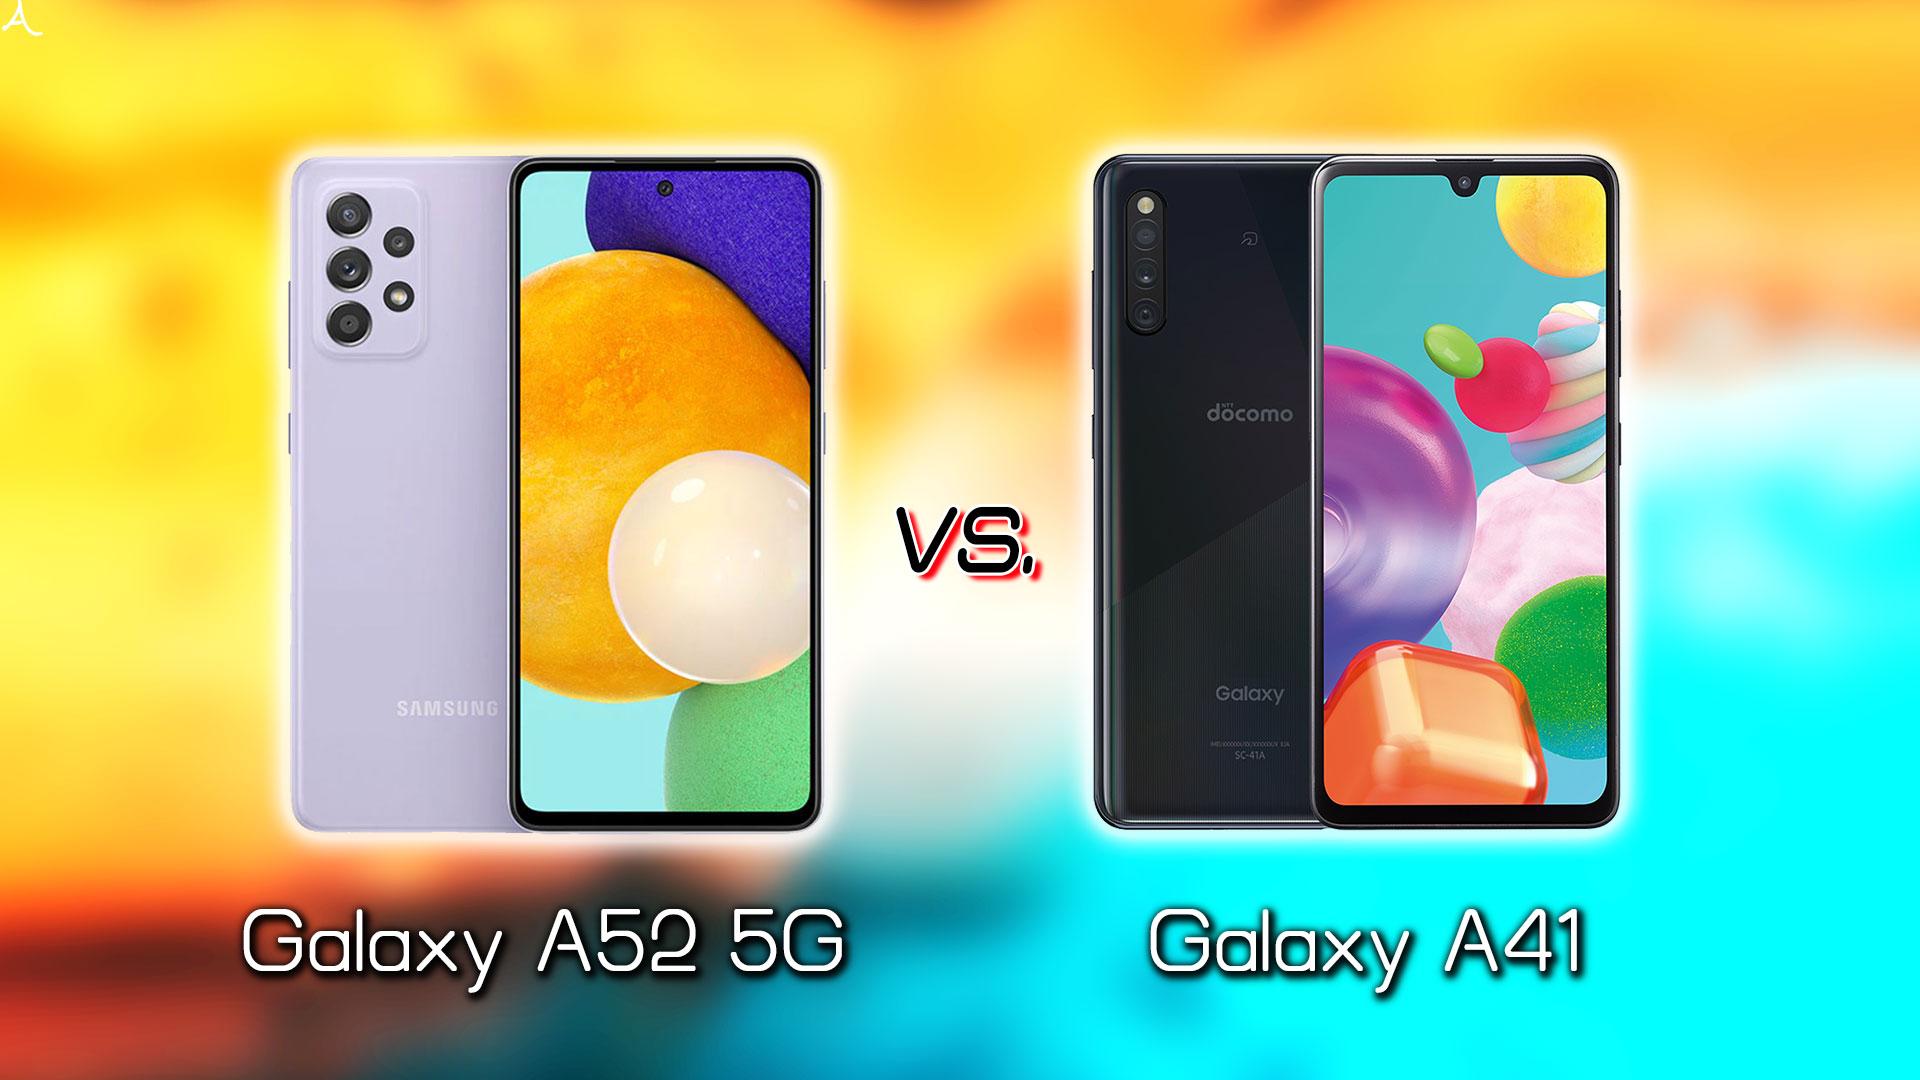 「Galaxy A52 5G」と「Galaxy A41」の違いを比較:どっちを買う?